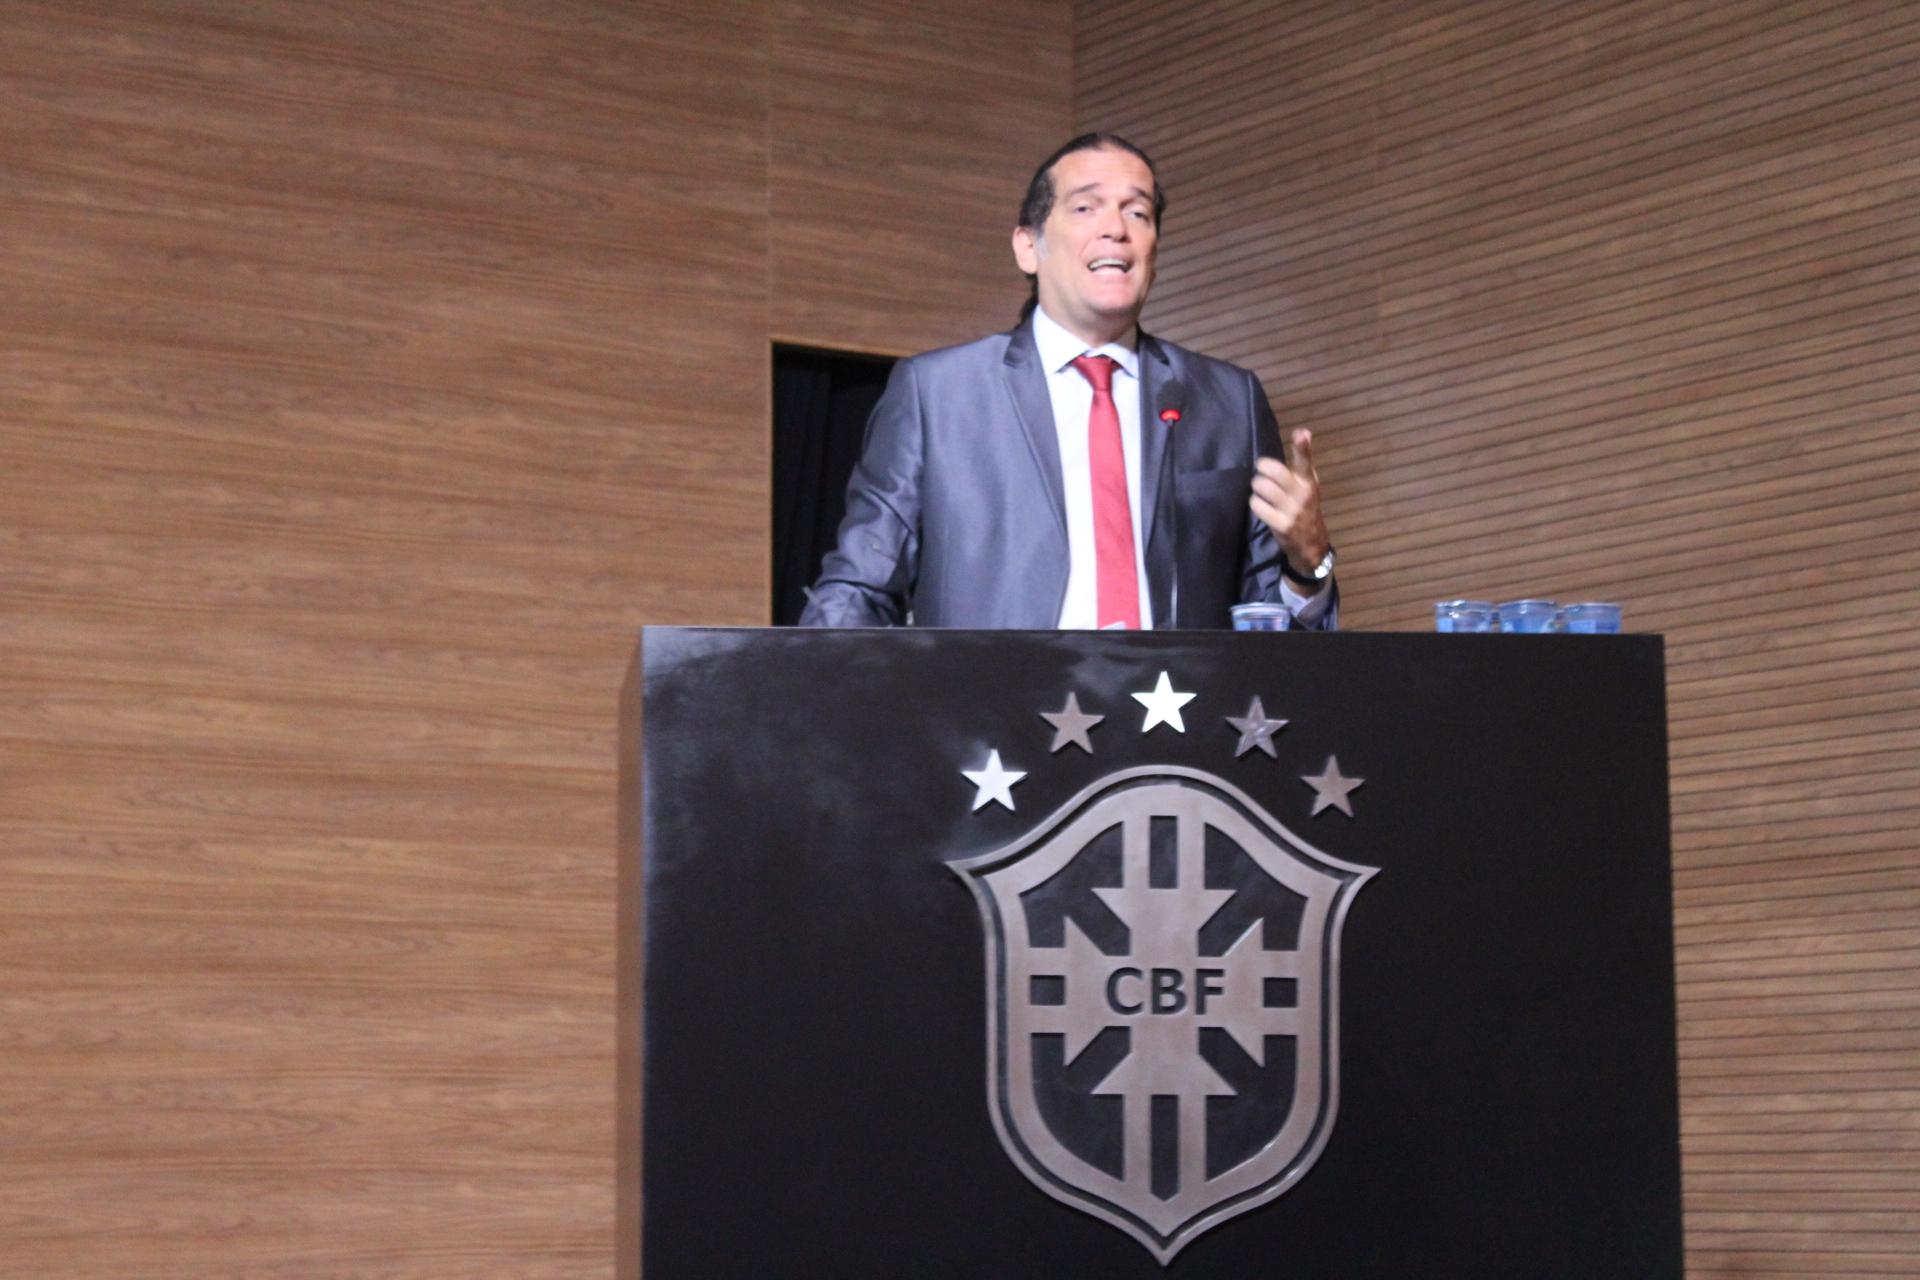 Cruz Vermelha Brasileira participa de seminário na CBF (2)